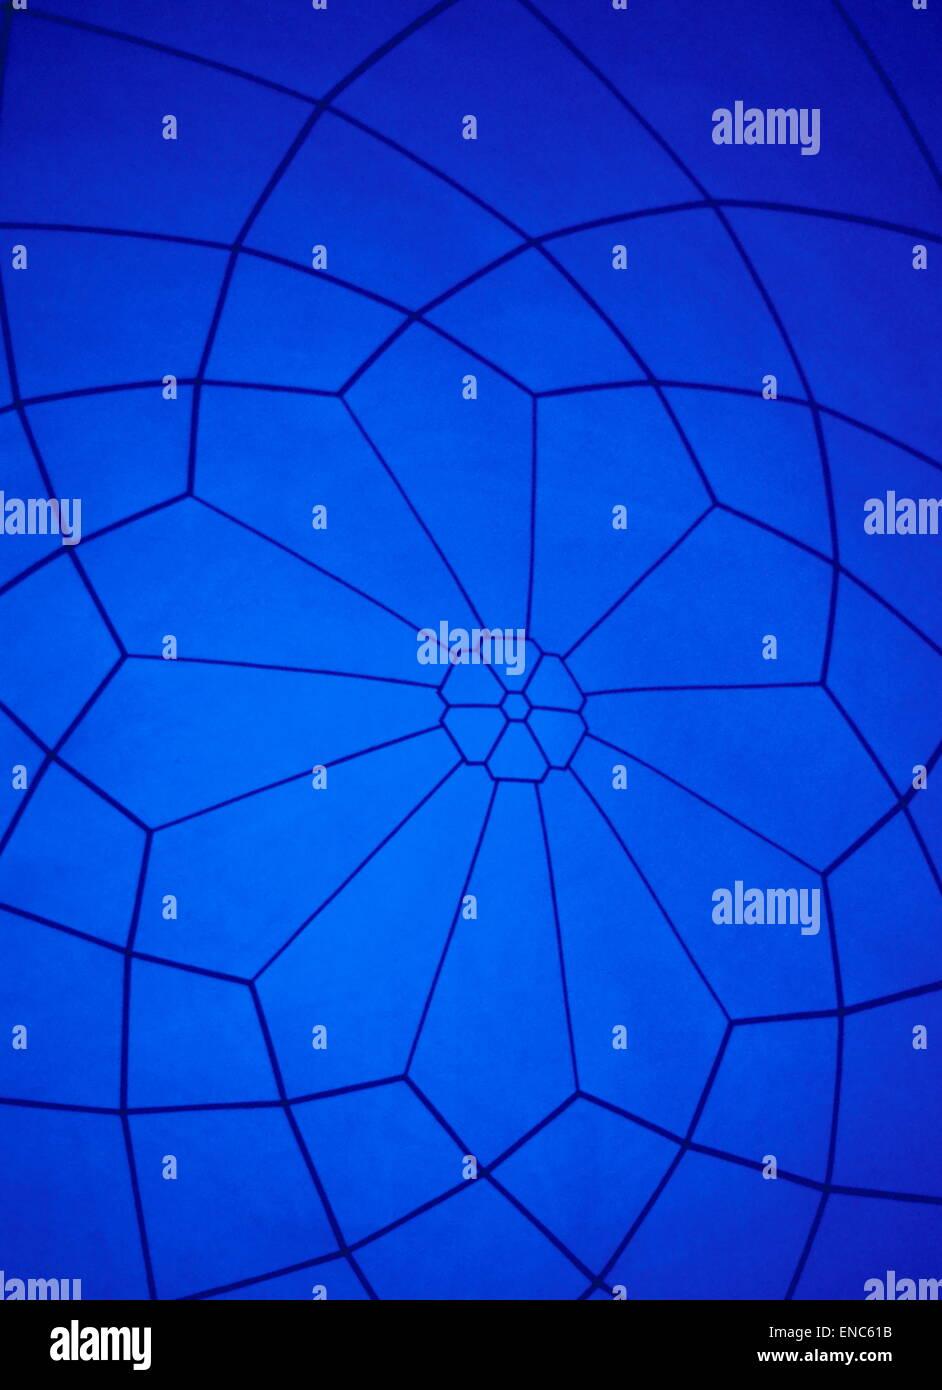 Blue web, irregular four sided shapes - Stock Image